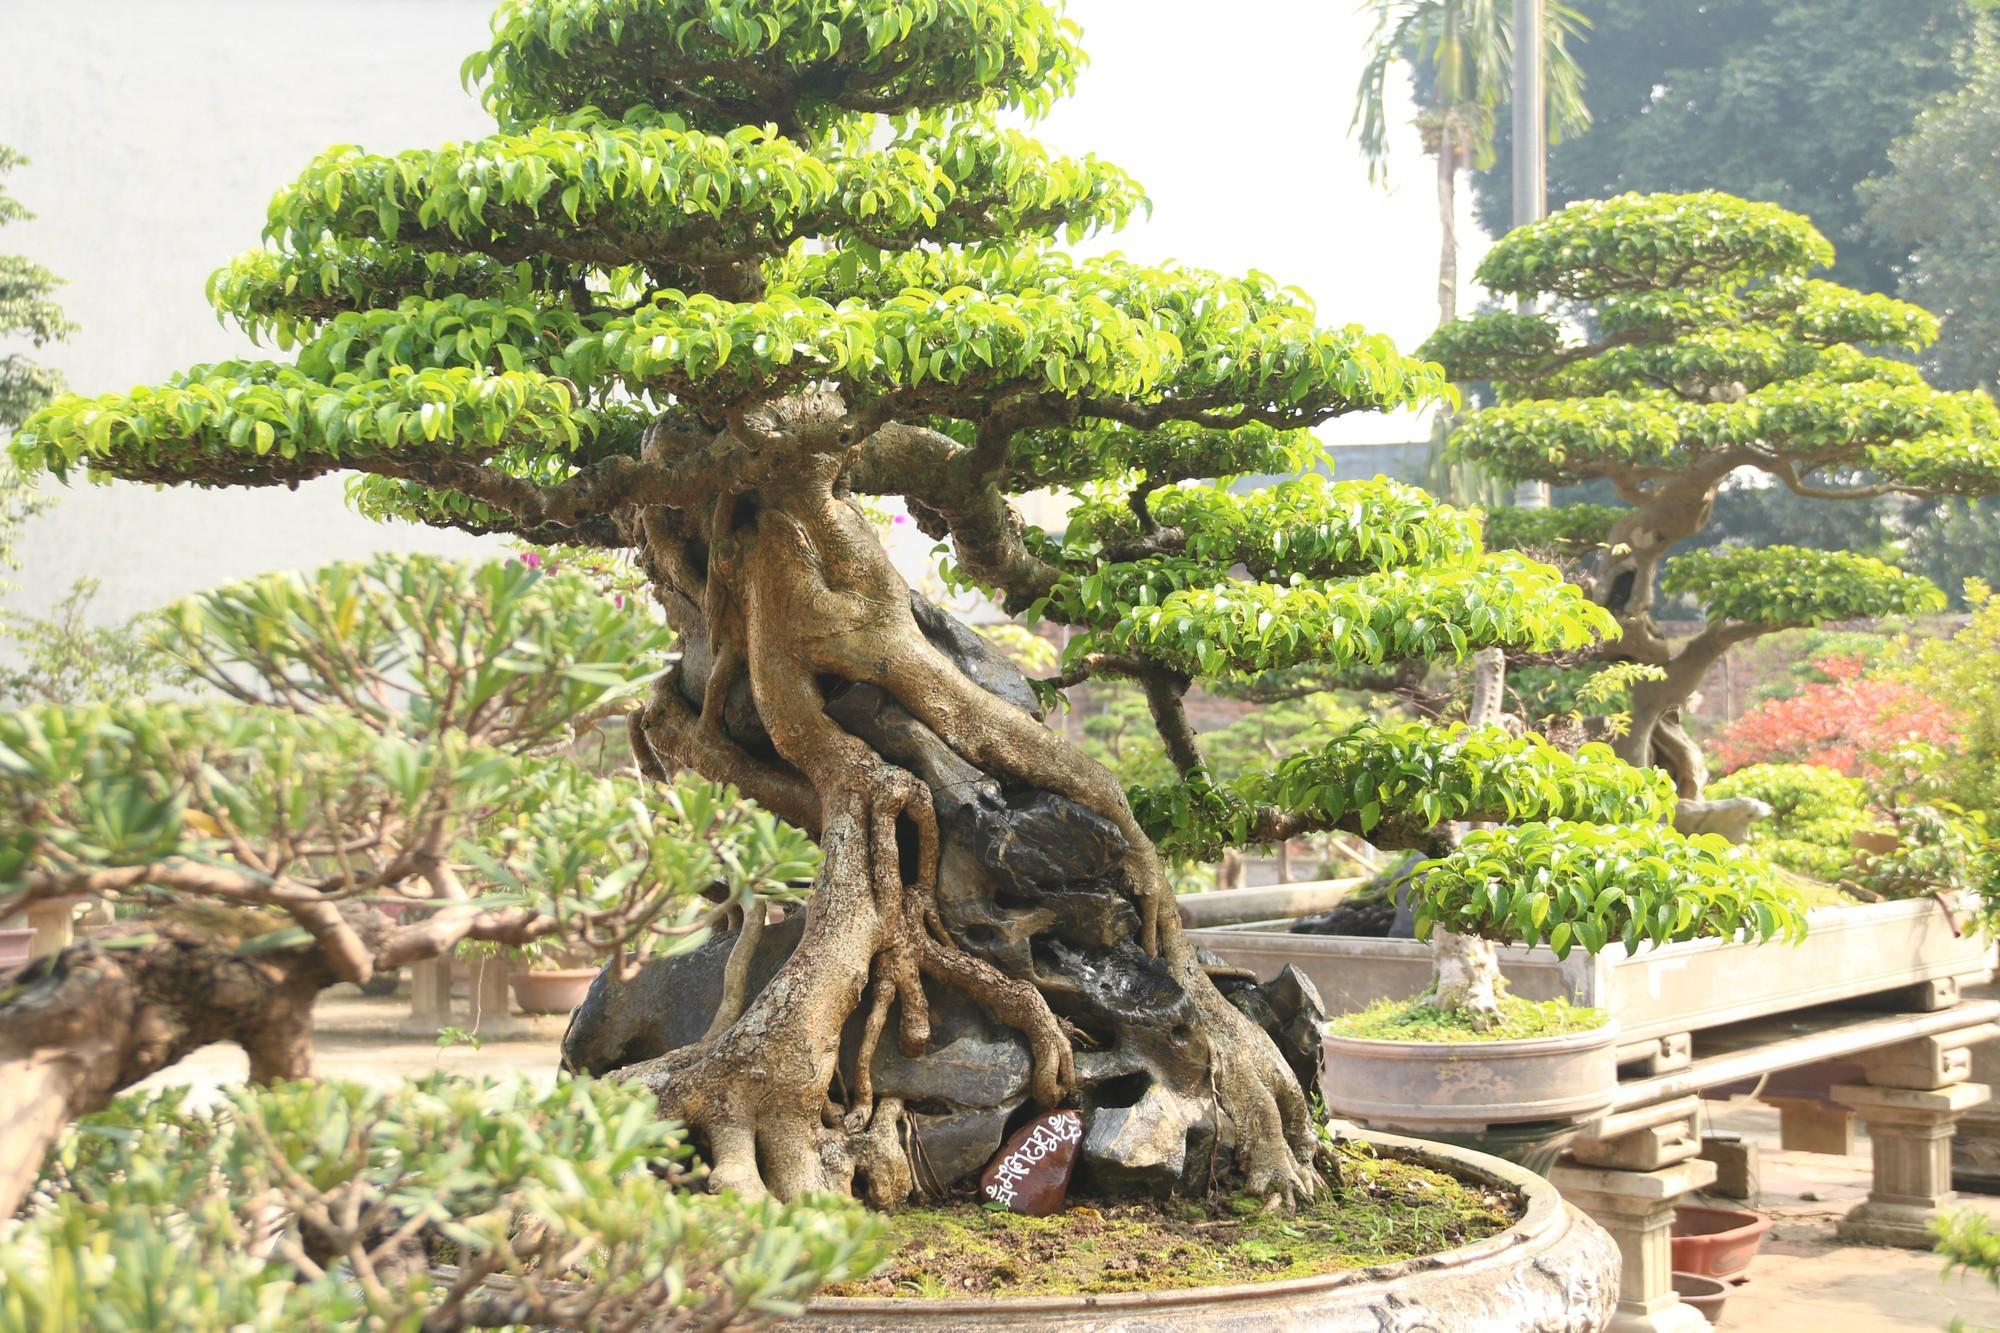 Sanh cổ dáng phượng giá triệu đô của ông vua cây cảnh Việt Nam-2